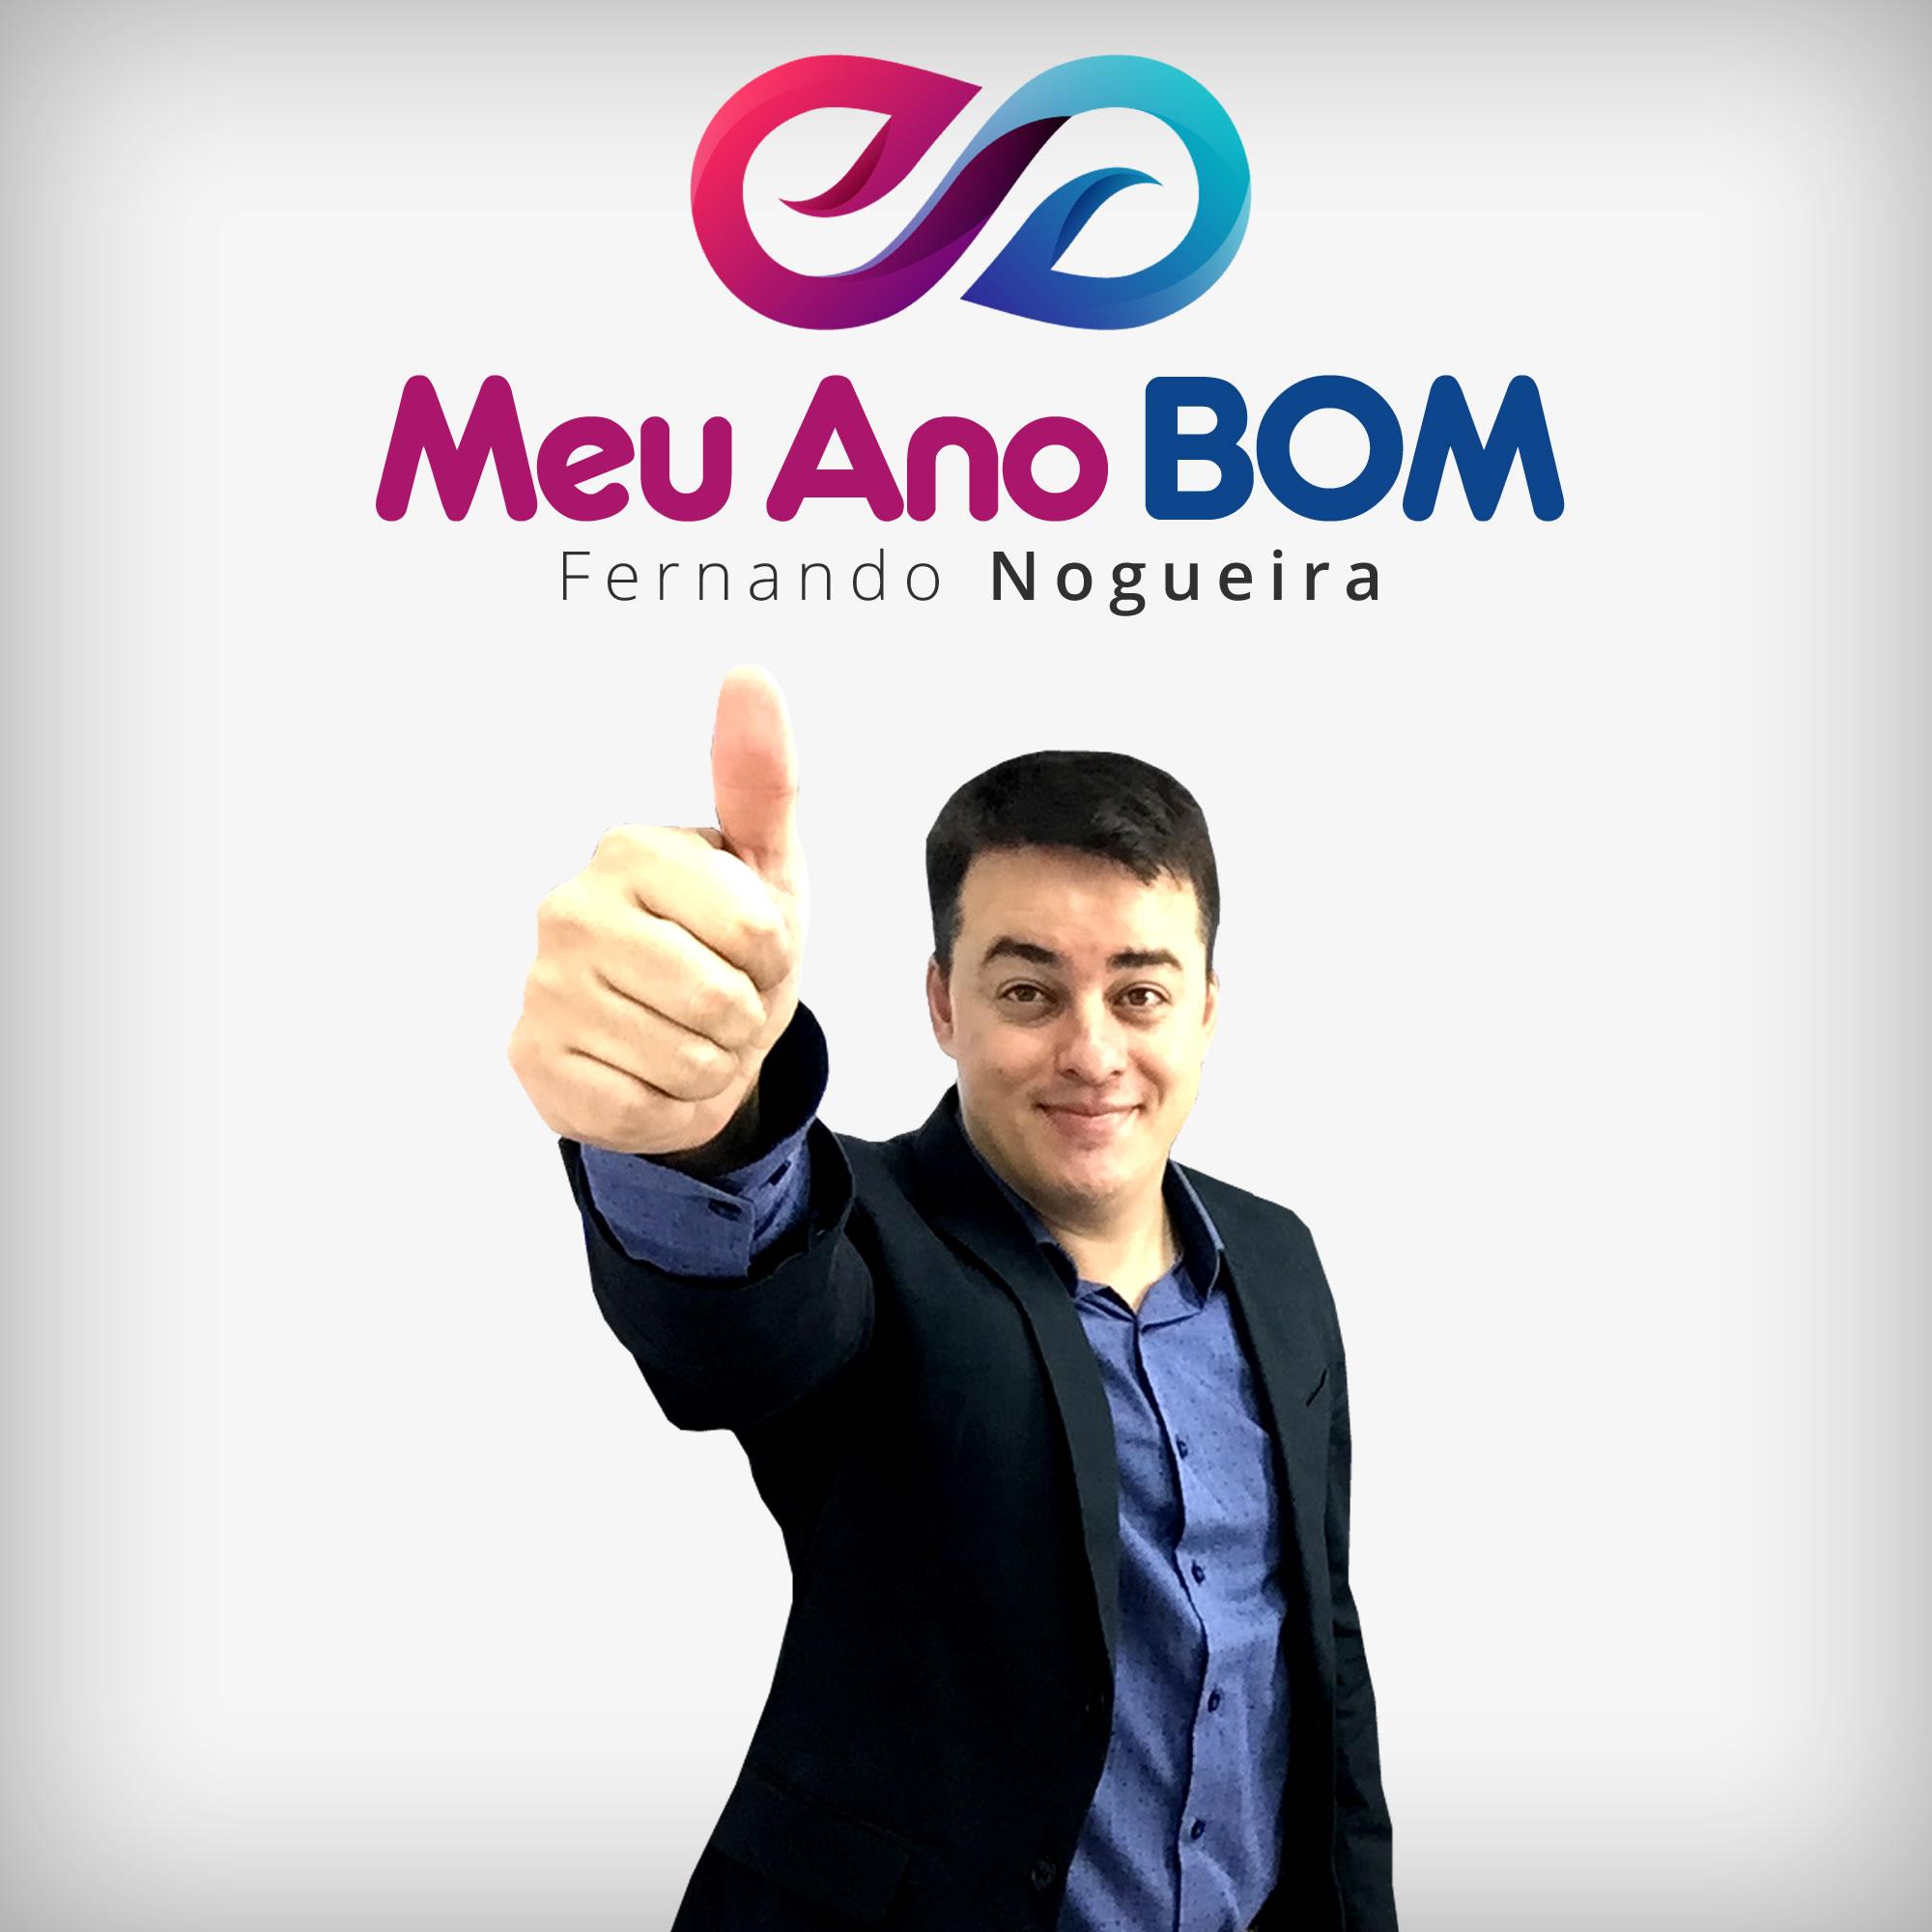 Meu Ano Bom - Fernando Nogueira